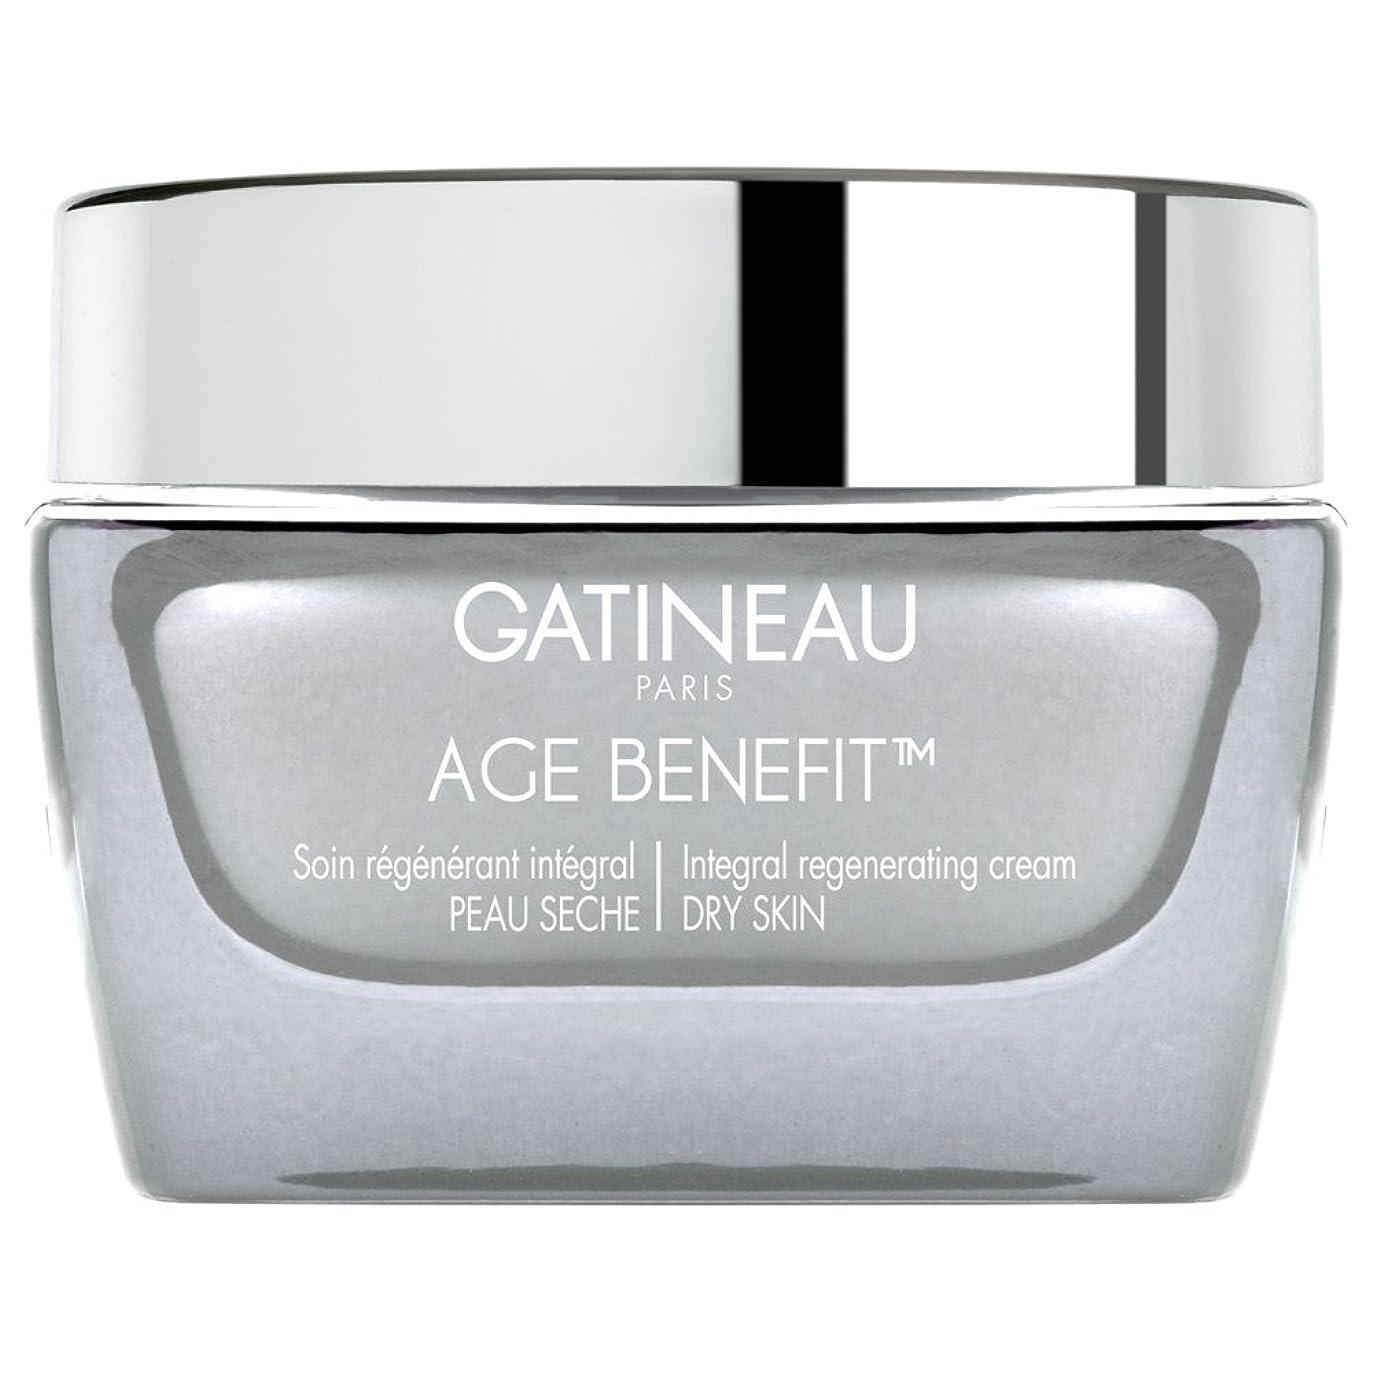 速記融合しなければならないガティノー年齢給付再生ドライスキンクリーム、50ミリリットル (Gatineau) (x2) - Gatineau Age Benefit Regenerating Dry Skin Cream, 50ml (Pack of 2) [並行輸入品]